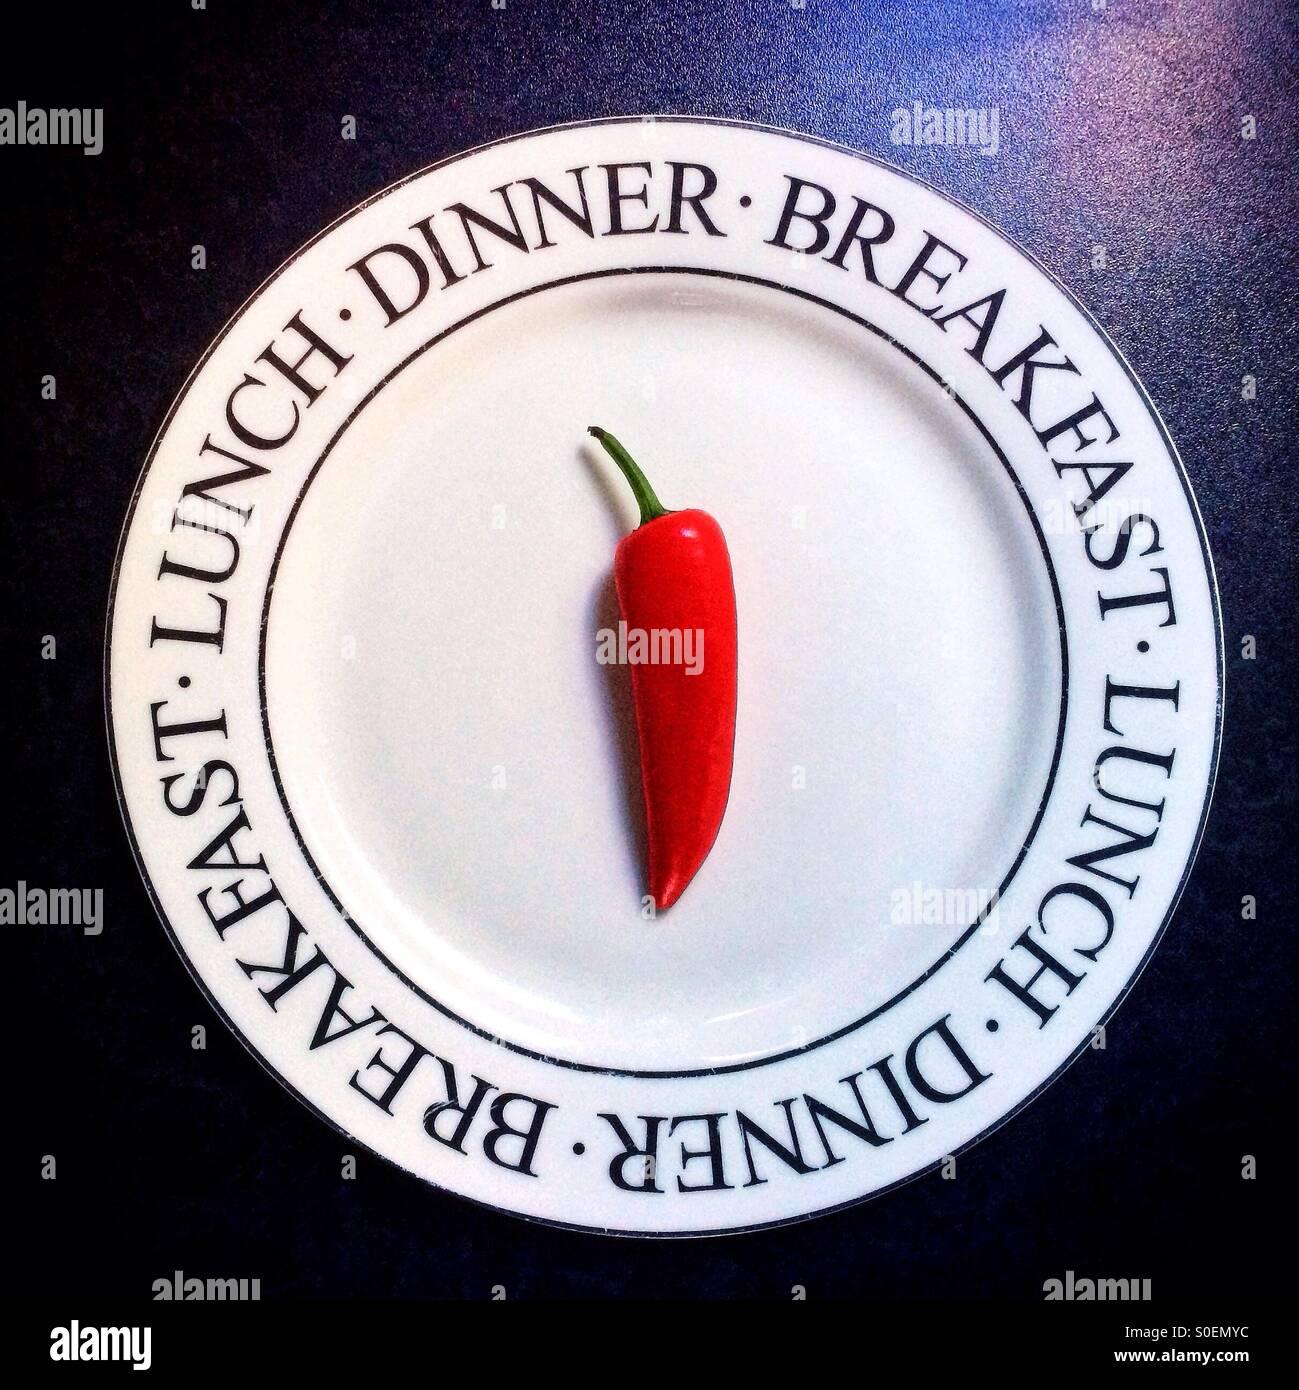 Un unico peperoncino rosso su una piastra bianca decorata con le parole la colazione, il pranzo e la cena. Immagini Stock